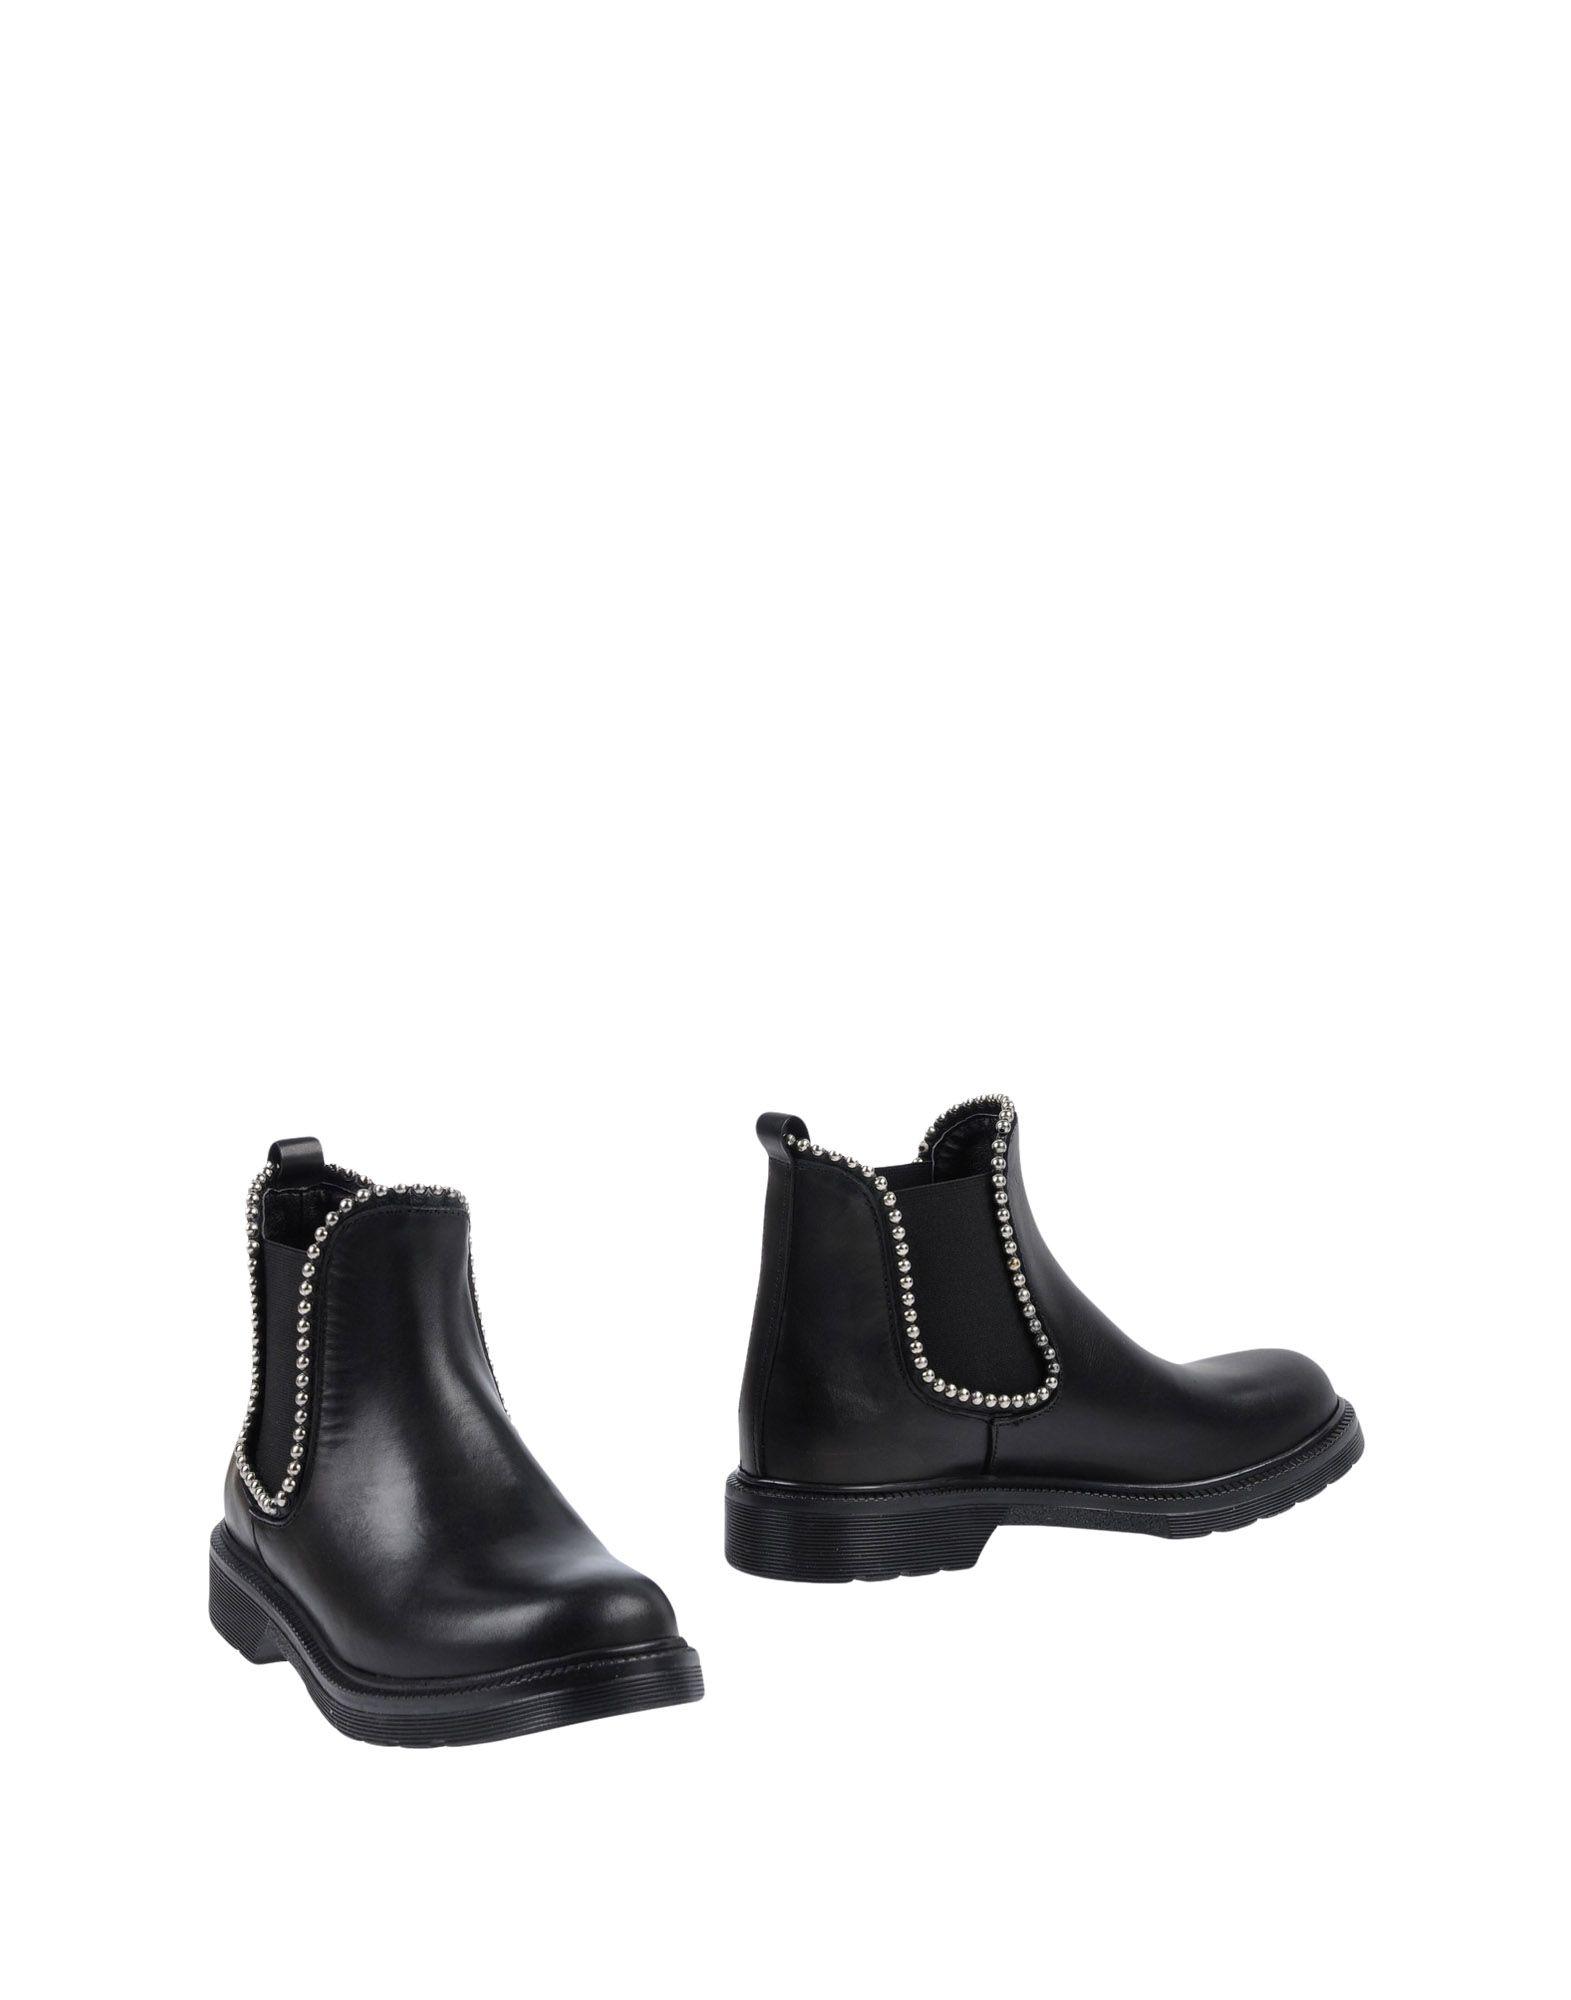 Chelsea Boots Unlace Unlace Boots Donna - 11471325FG 4be65c